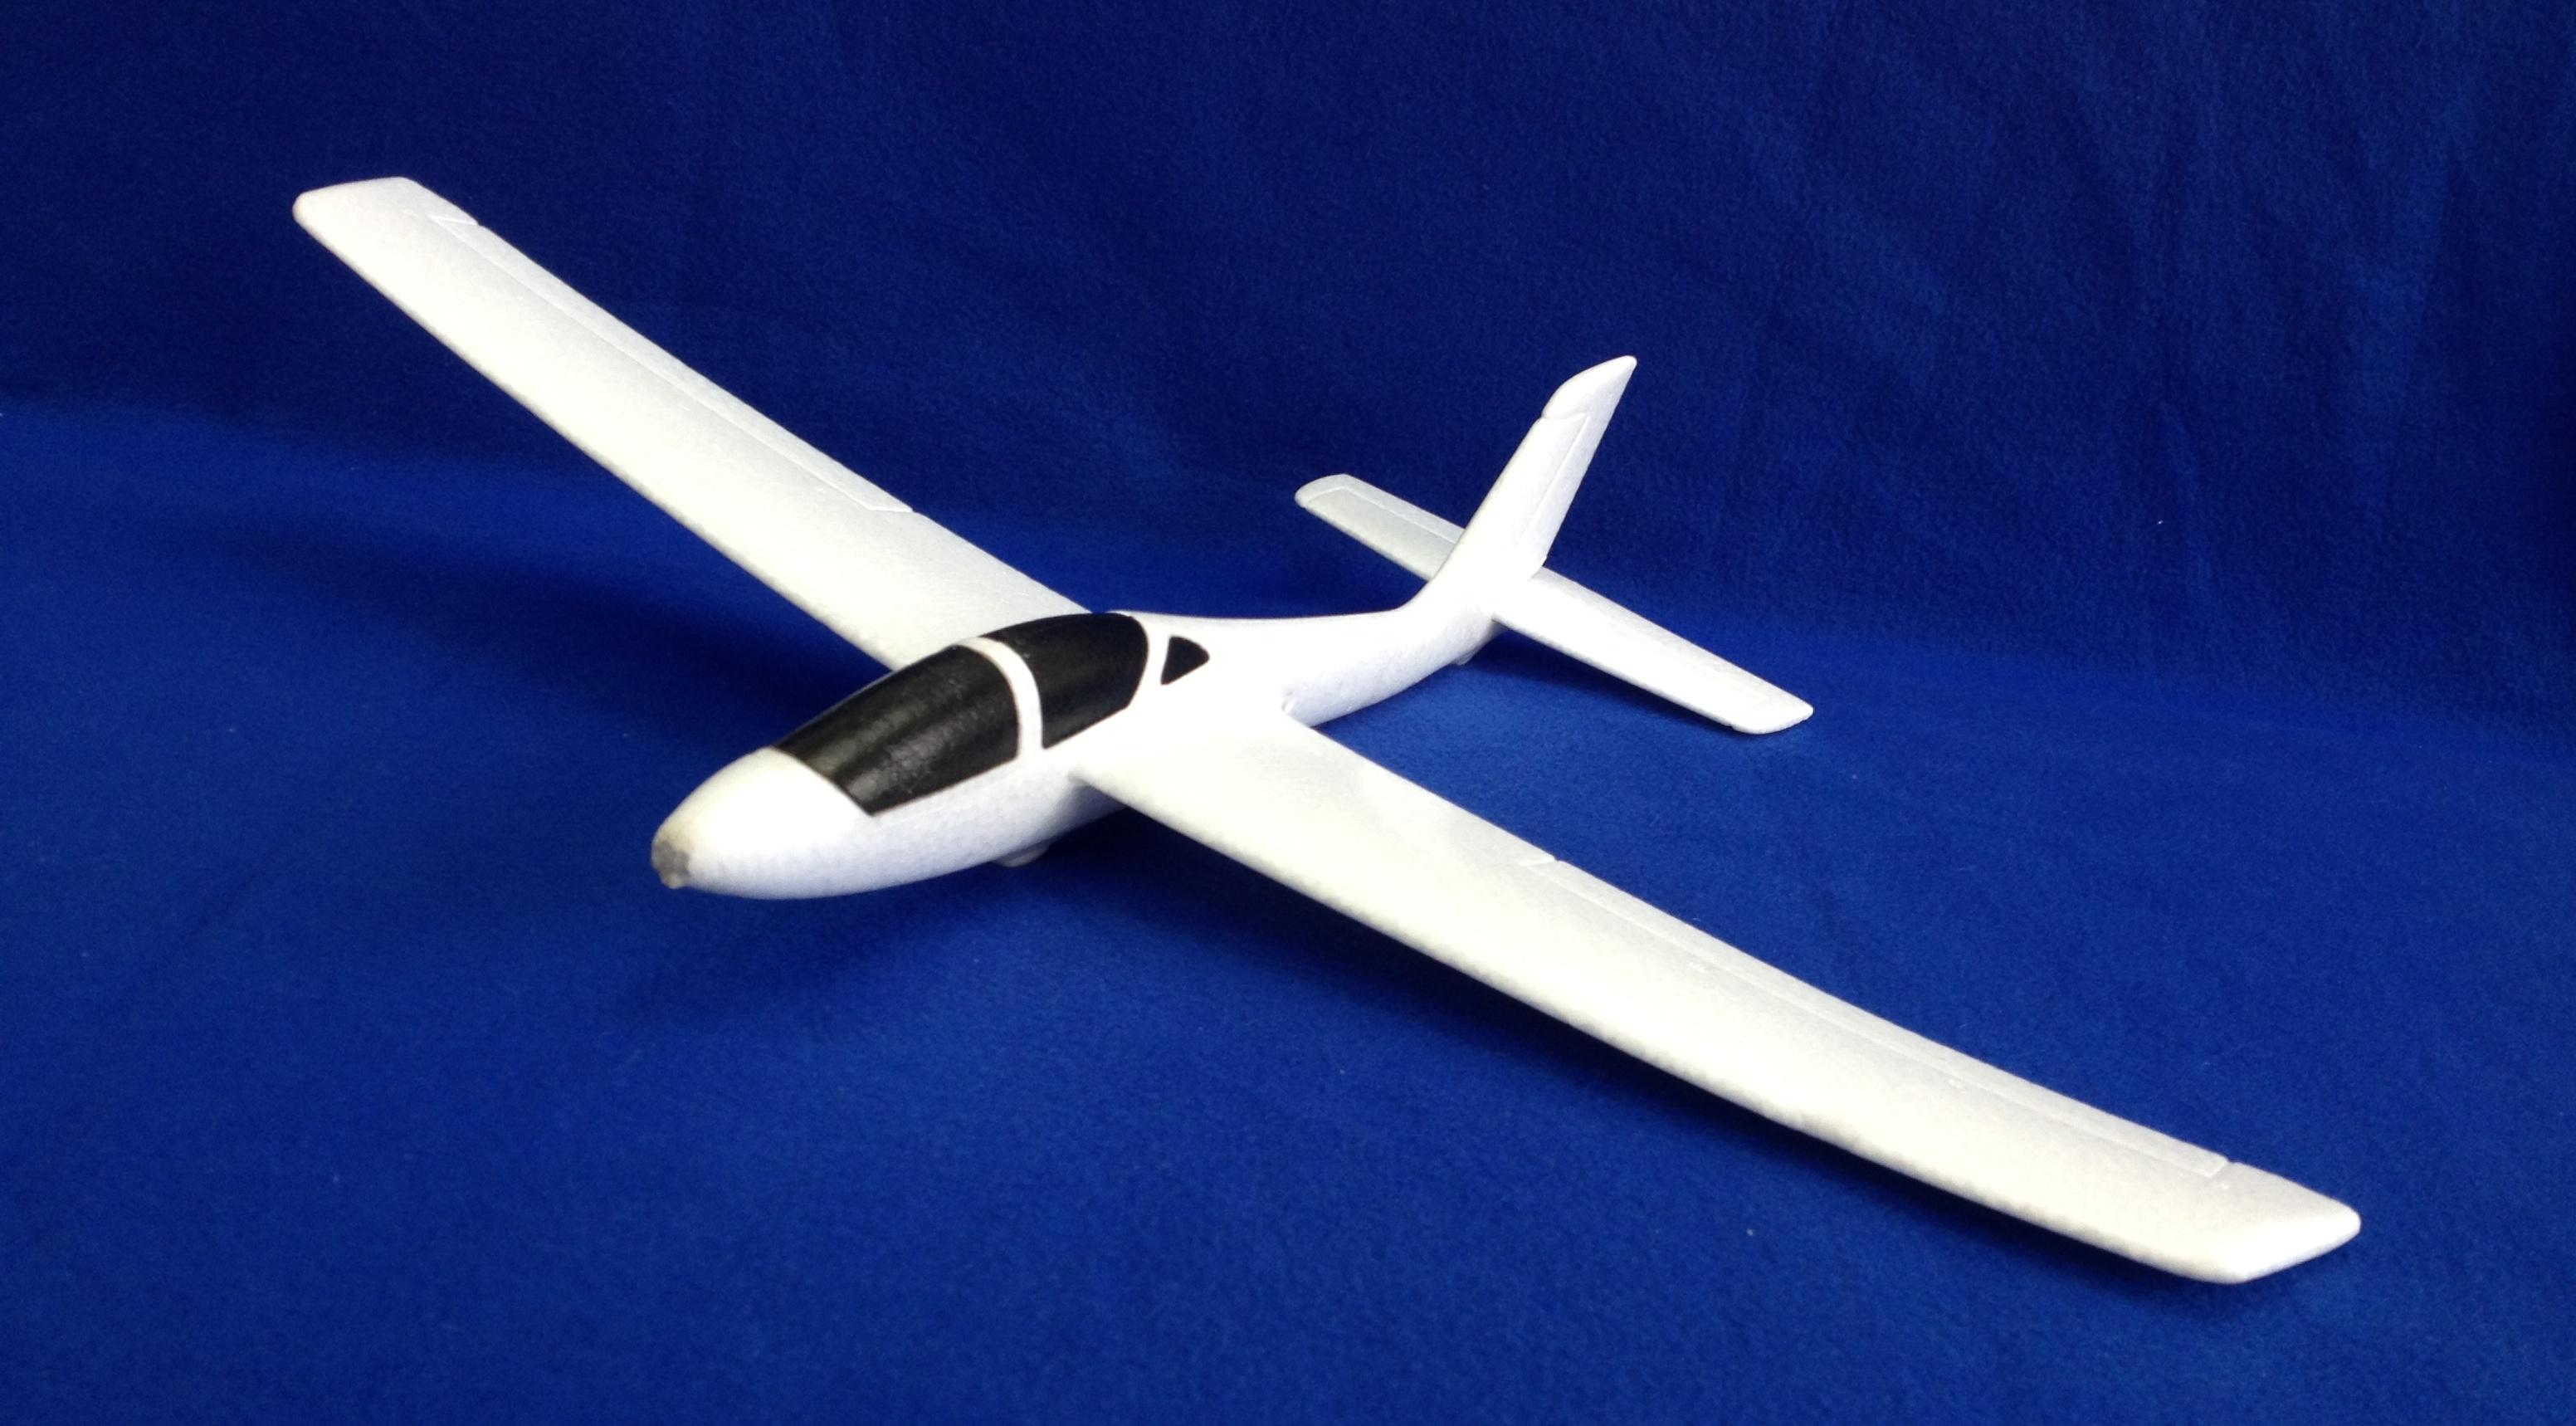 Házelko Flight Hand Launch 802